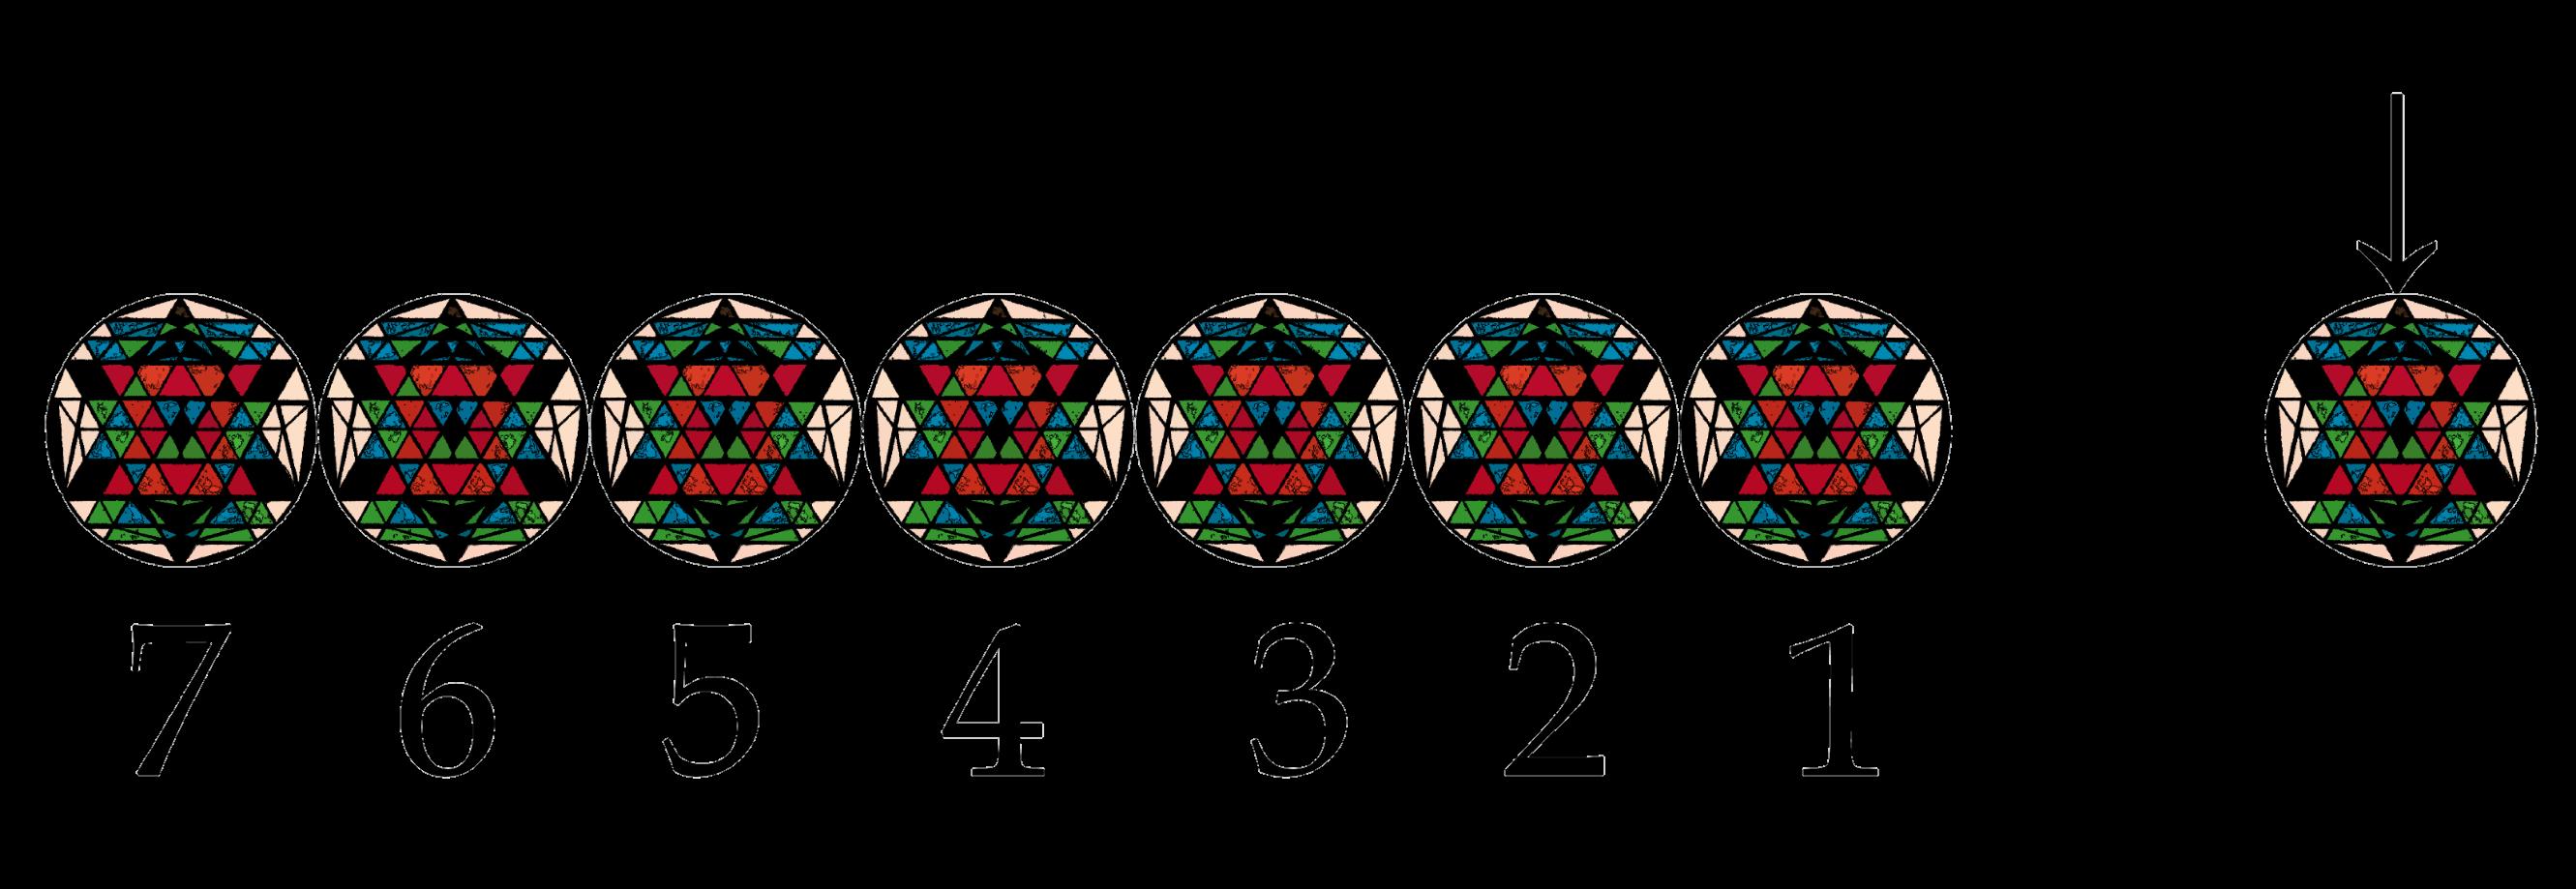 PHRONESISs19